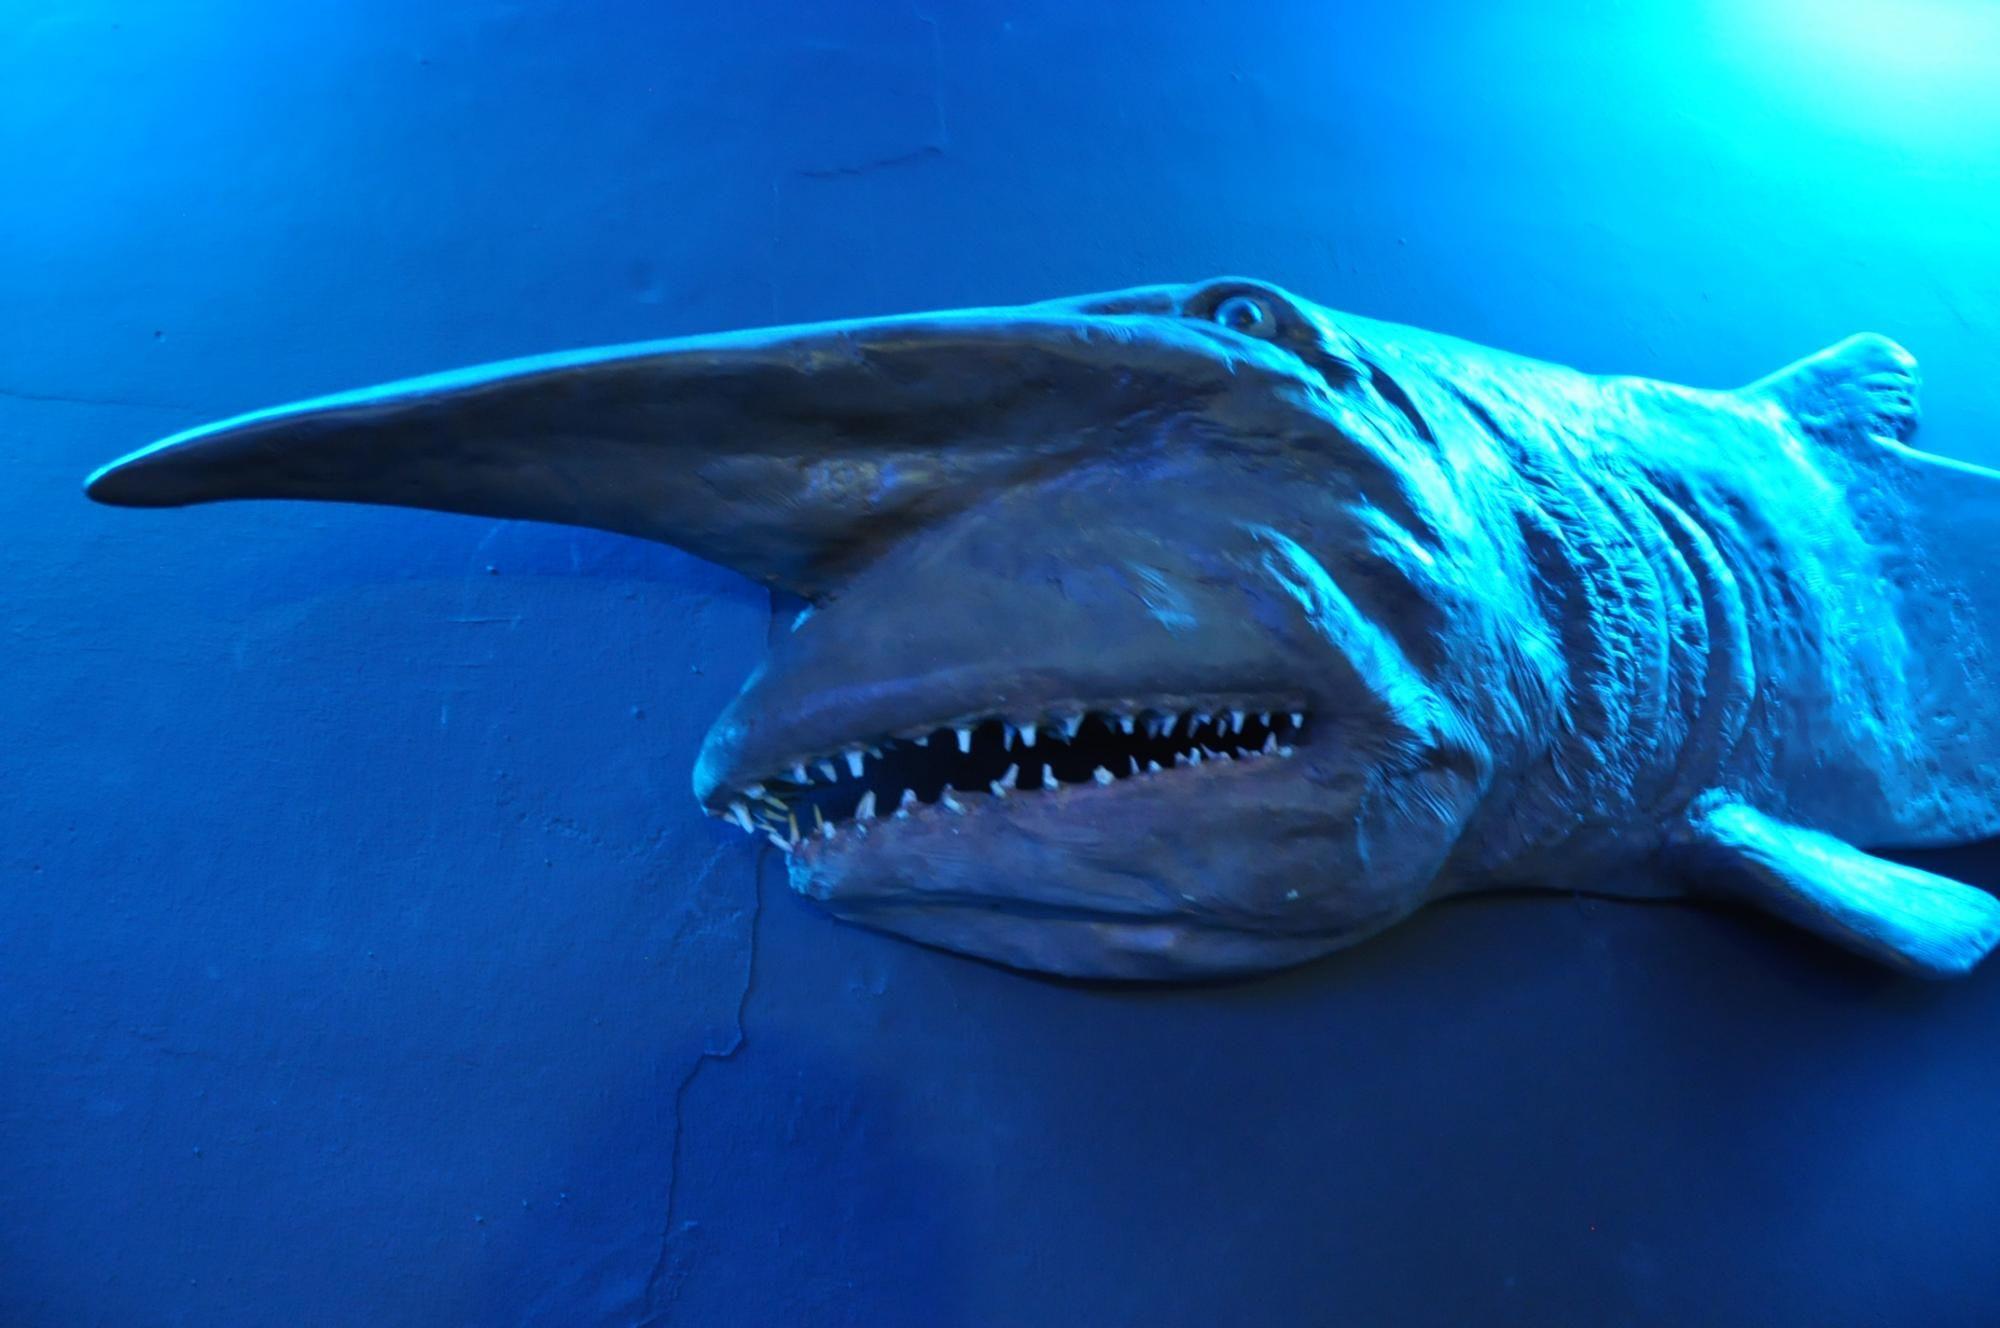 Genova aquarium in the city of Genova Italy is the biggest aquarium